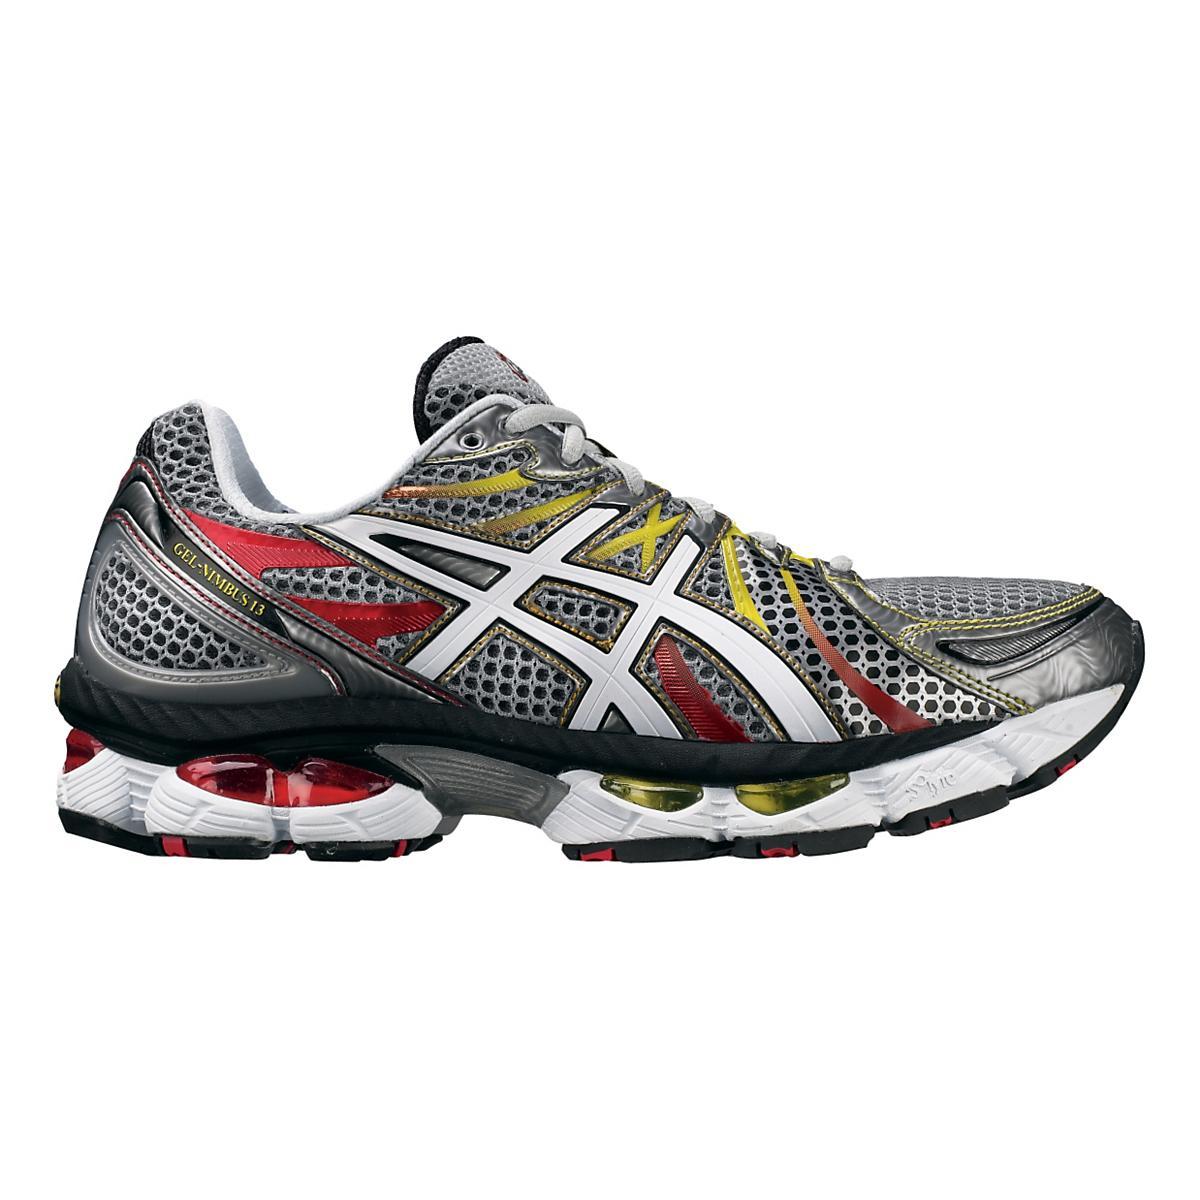 369233aced Mens ASICS GEL-Nimbus 13 Running Shoe at Road Runner Sports